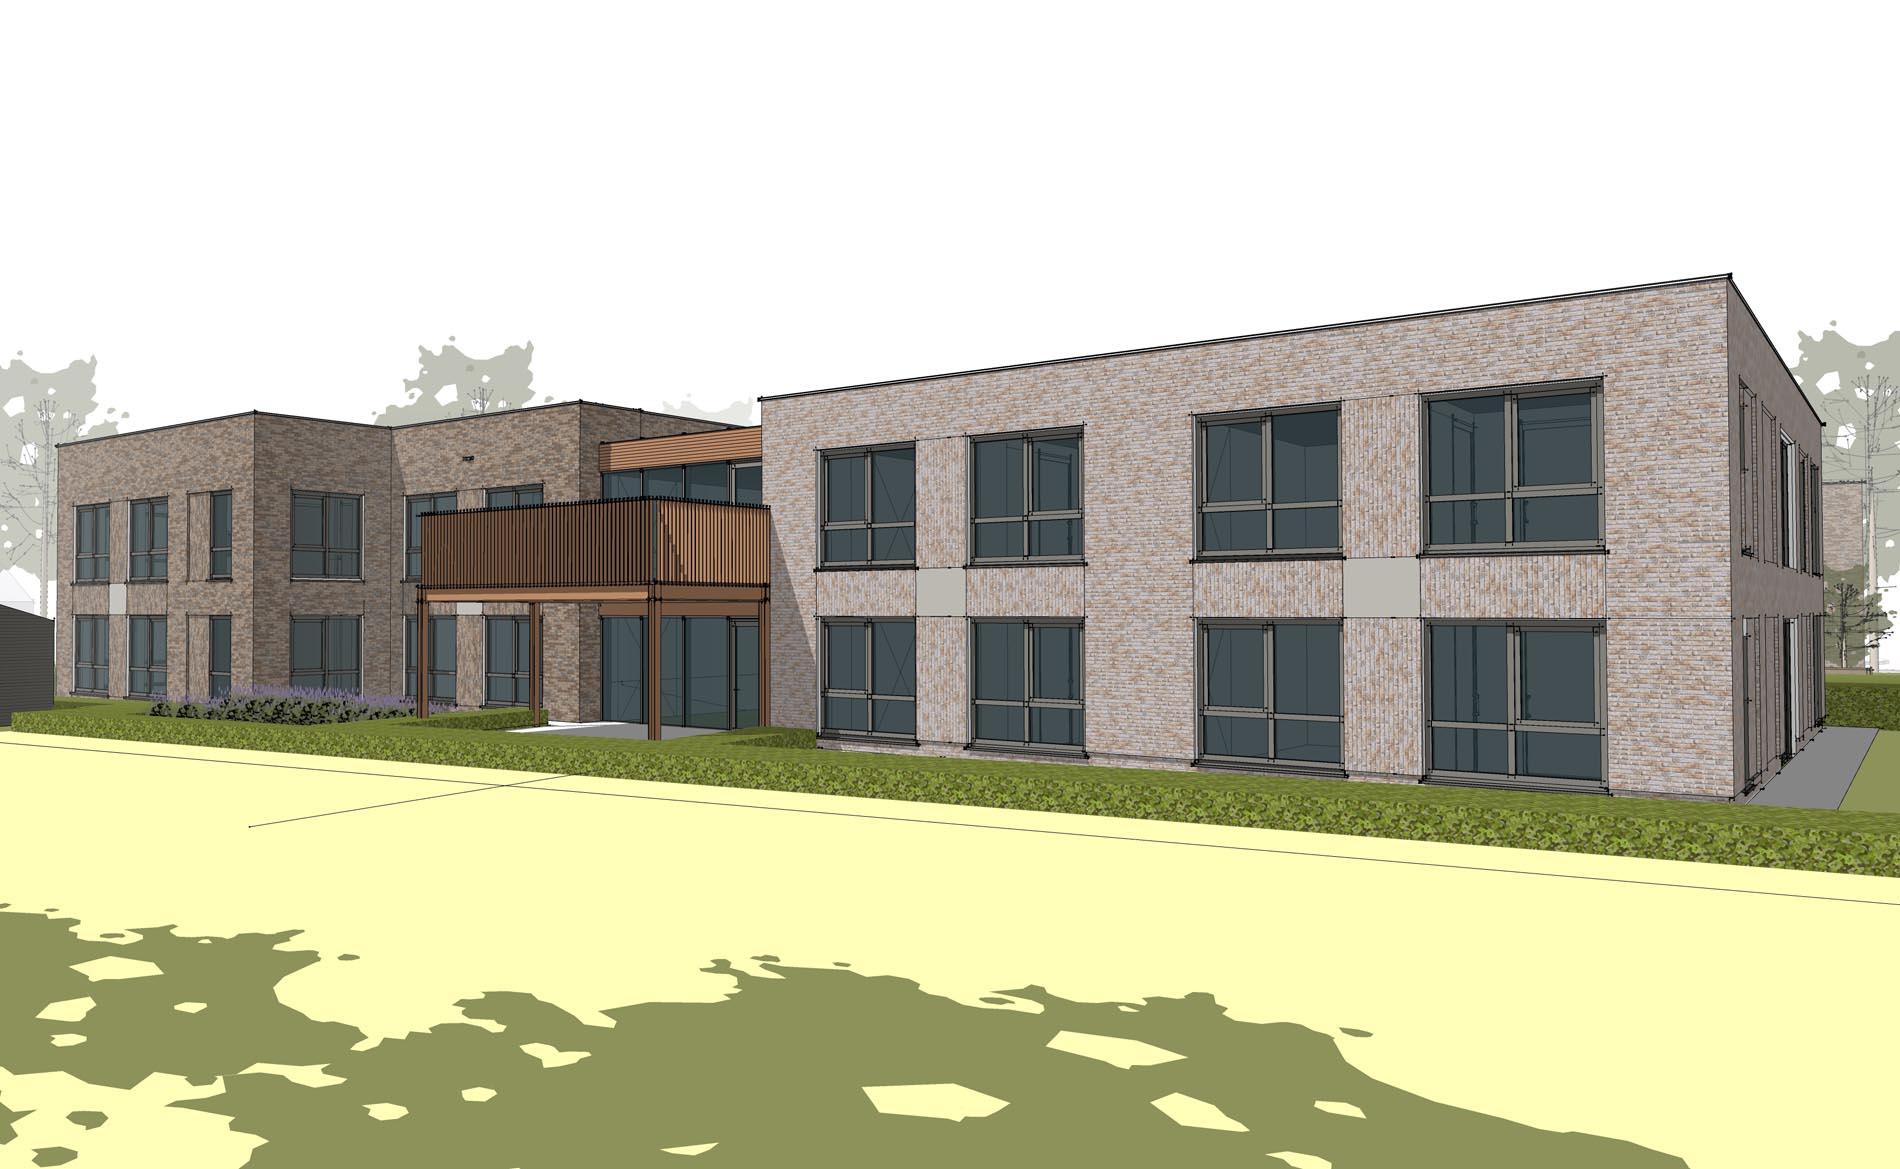 architect woonzorgcentrum woonzorggebouw Sorgvliet Andijk bescherm wonen seniorenappartementen zorg BBHD architecten